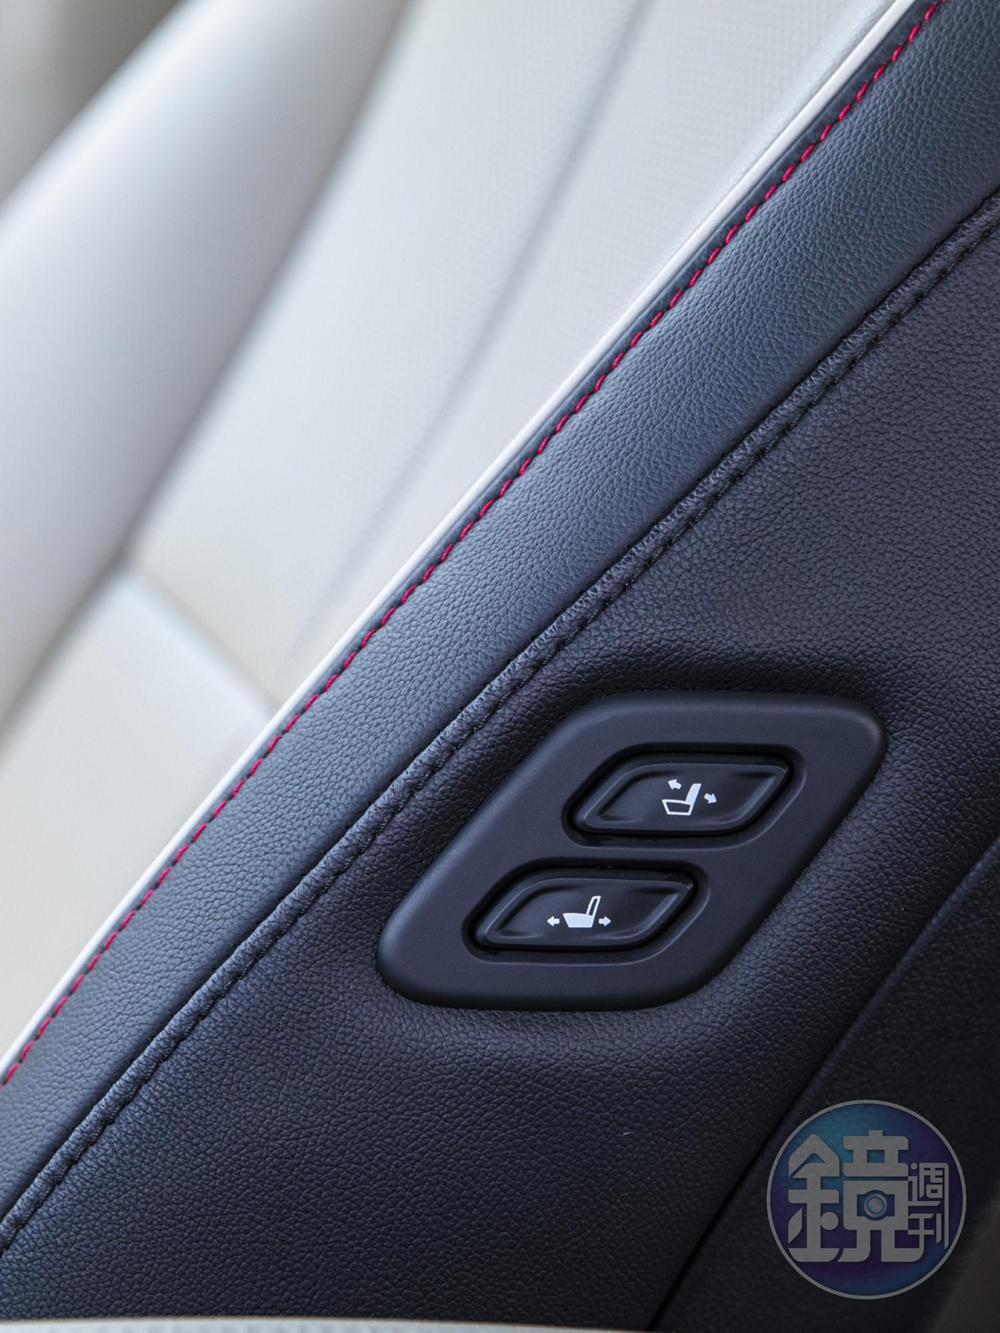 第二排乘客可以控制副駕駛座的椅背斜度及前後距離,方便進出。